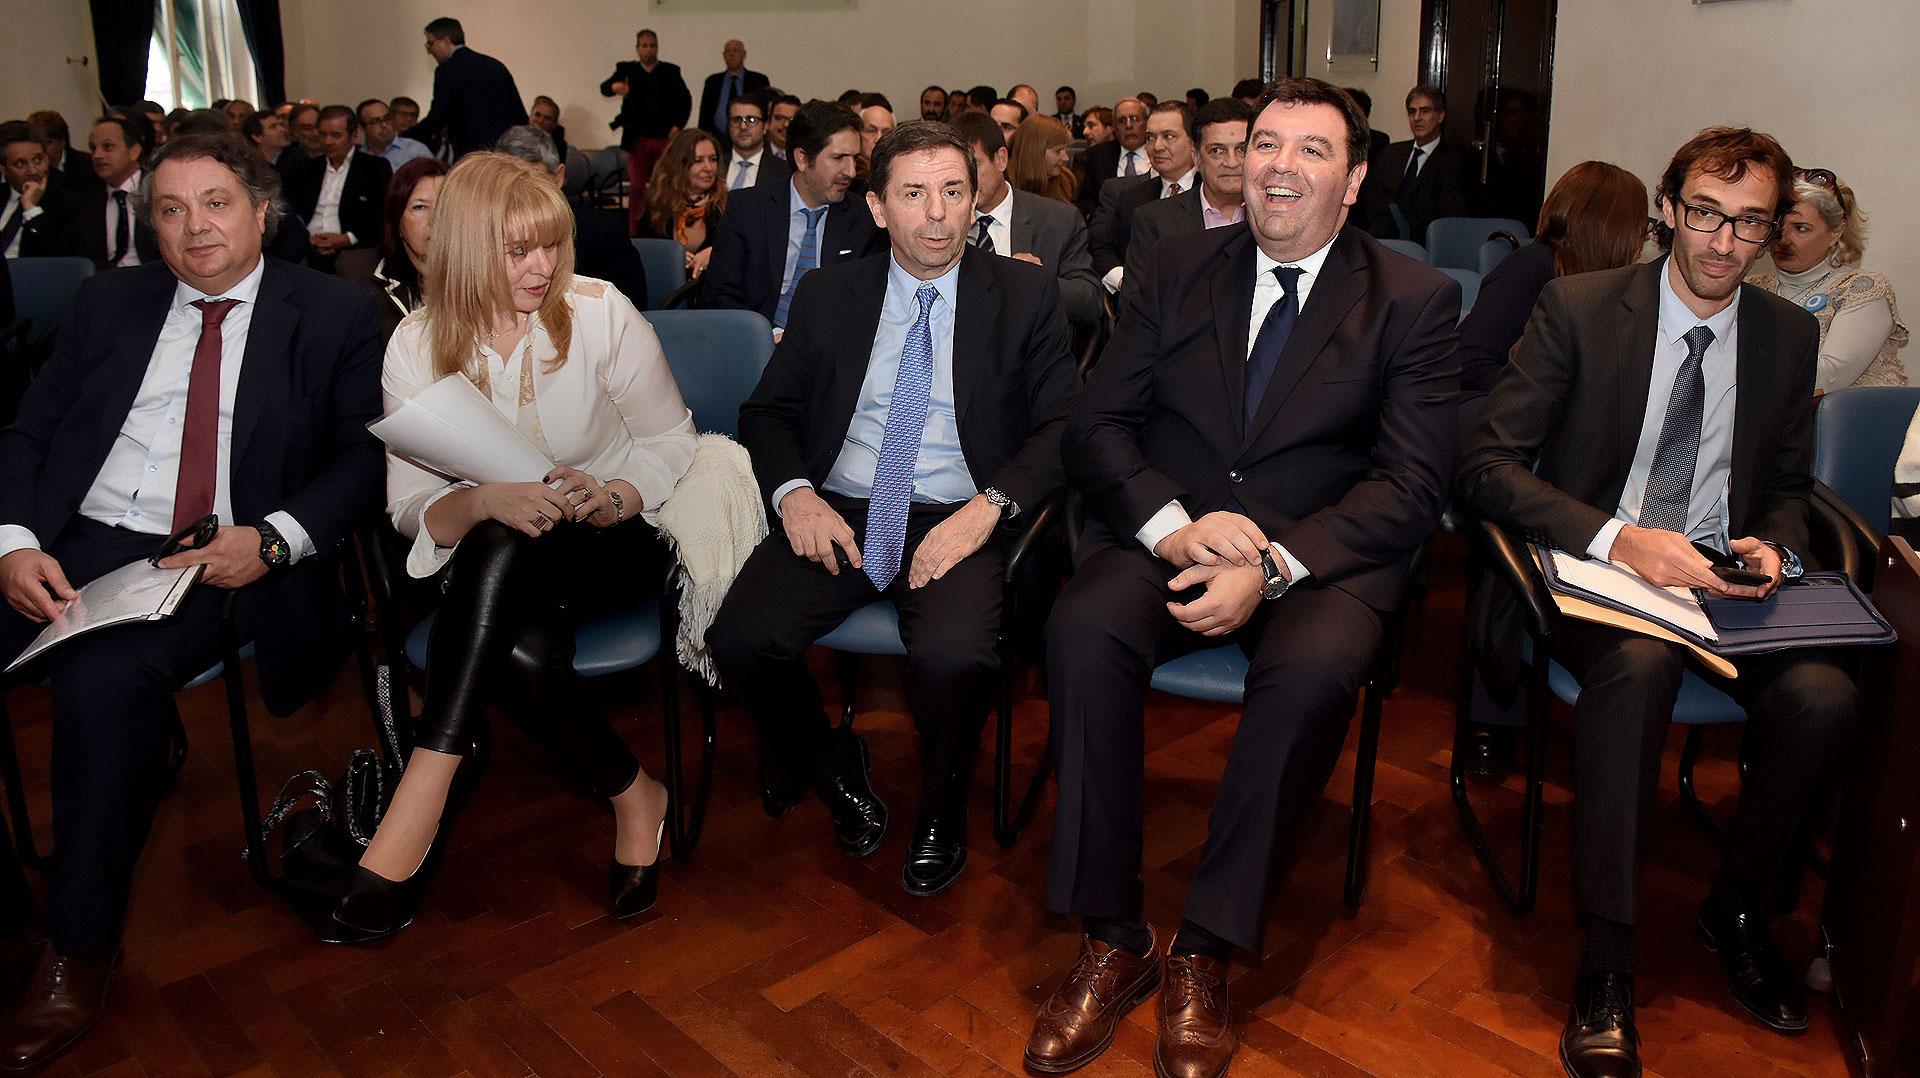 El presidente de la Cámara federal de Córdoba, Abel Sánchez Torres, la jueza Karina Rosario Perilli, el camarista Javier Leal de Ibarra, el juez federal Ariel Lijo y el secretario de su juzgado, Diego Arce.